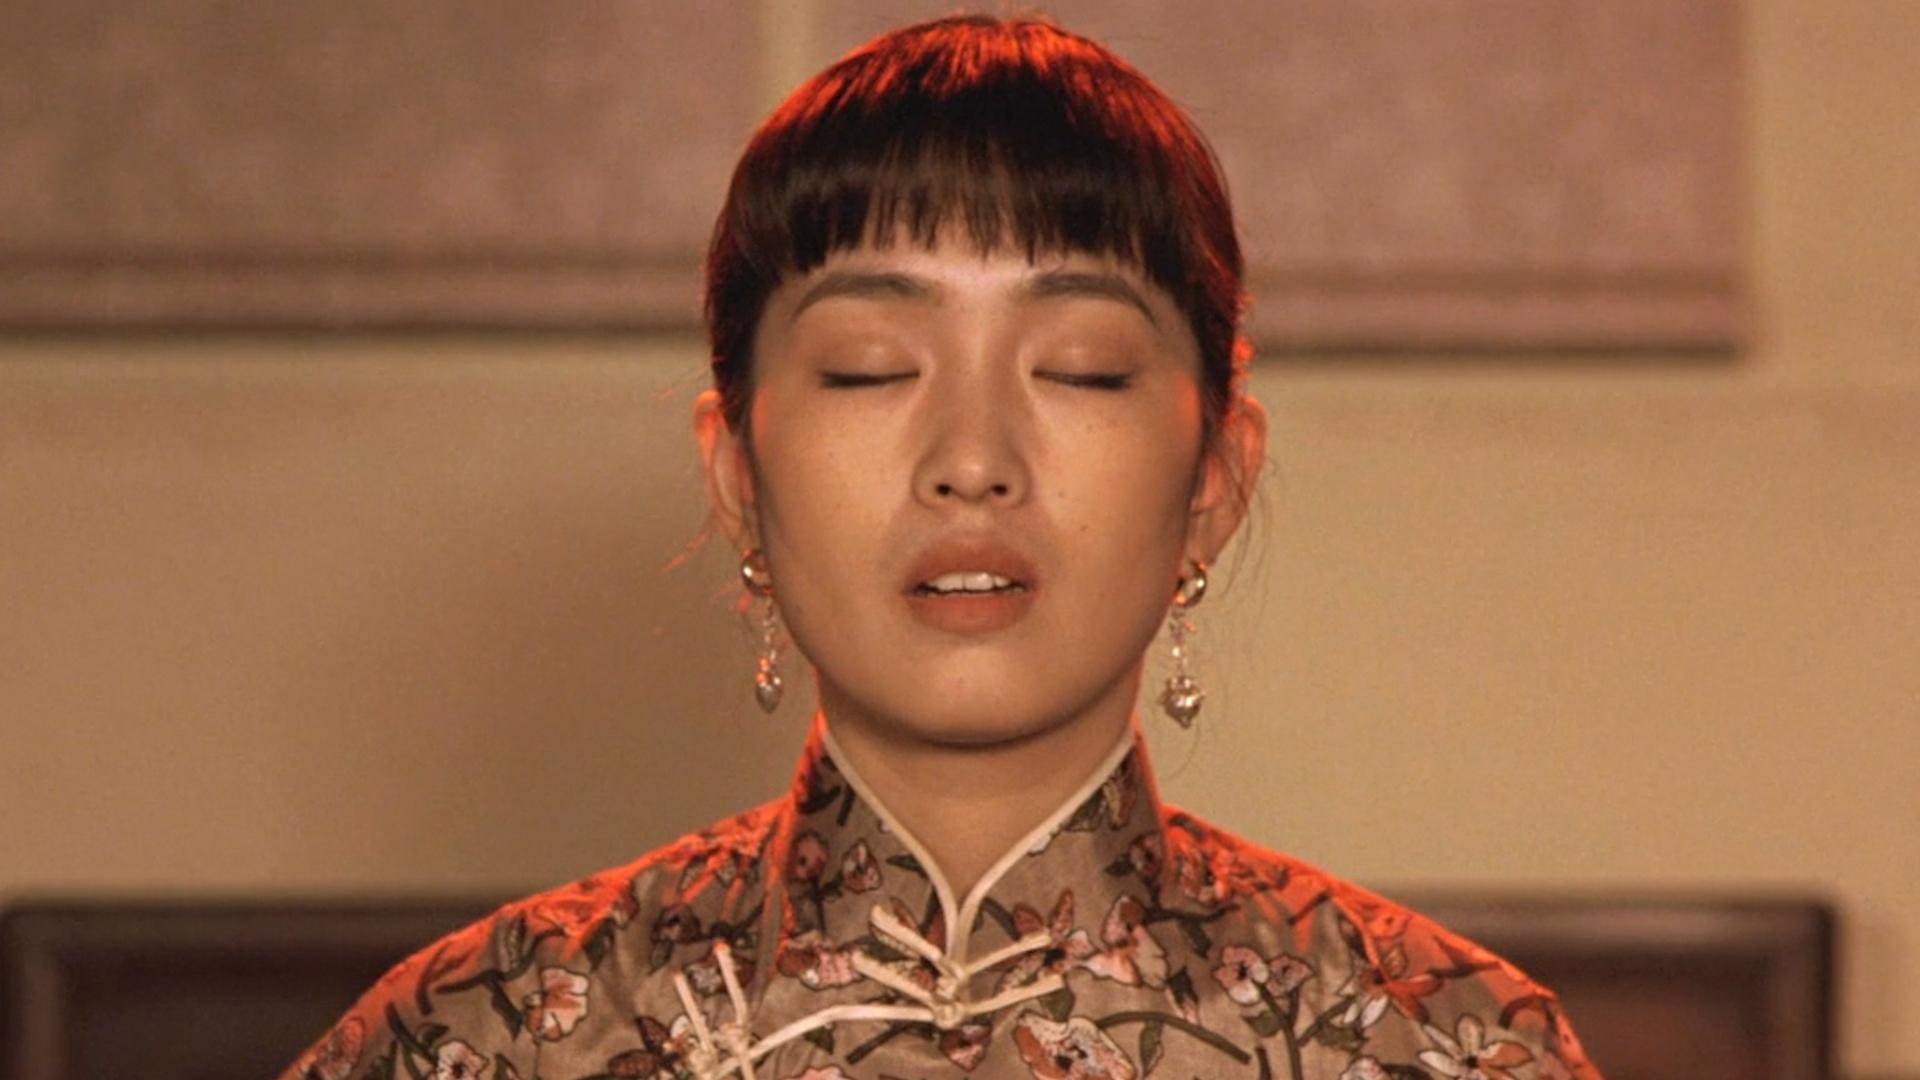 巩俐奥斯卡提名作,全片无一处裸露,却被评为中国最好的性电影!《大红灯笼高高挂》